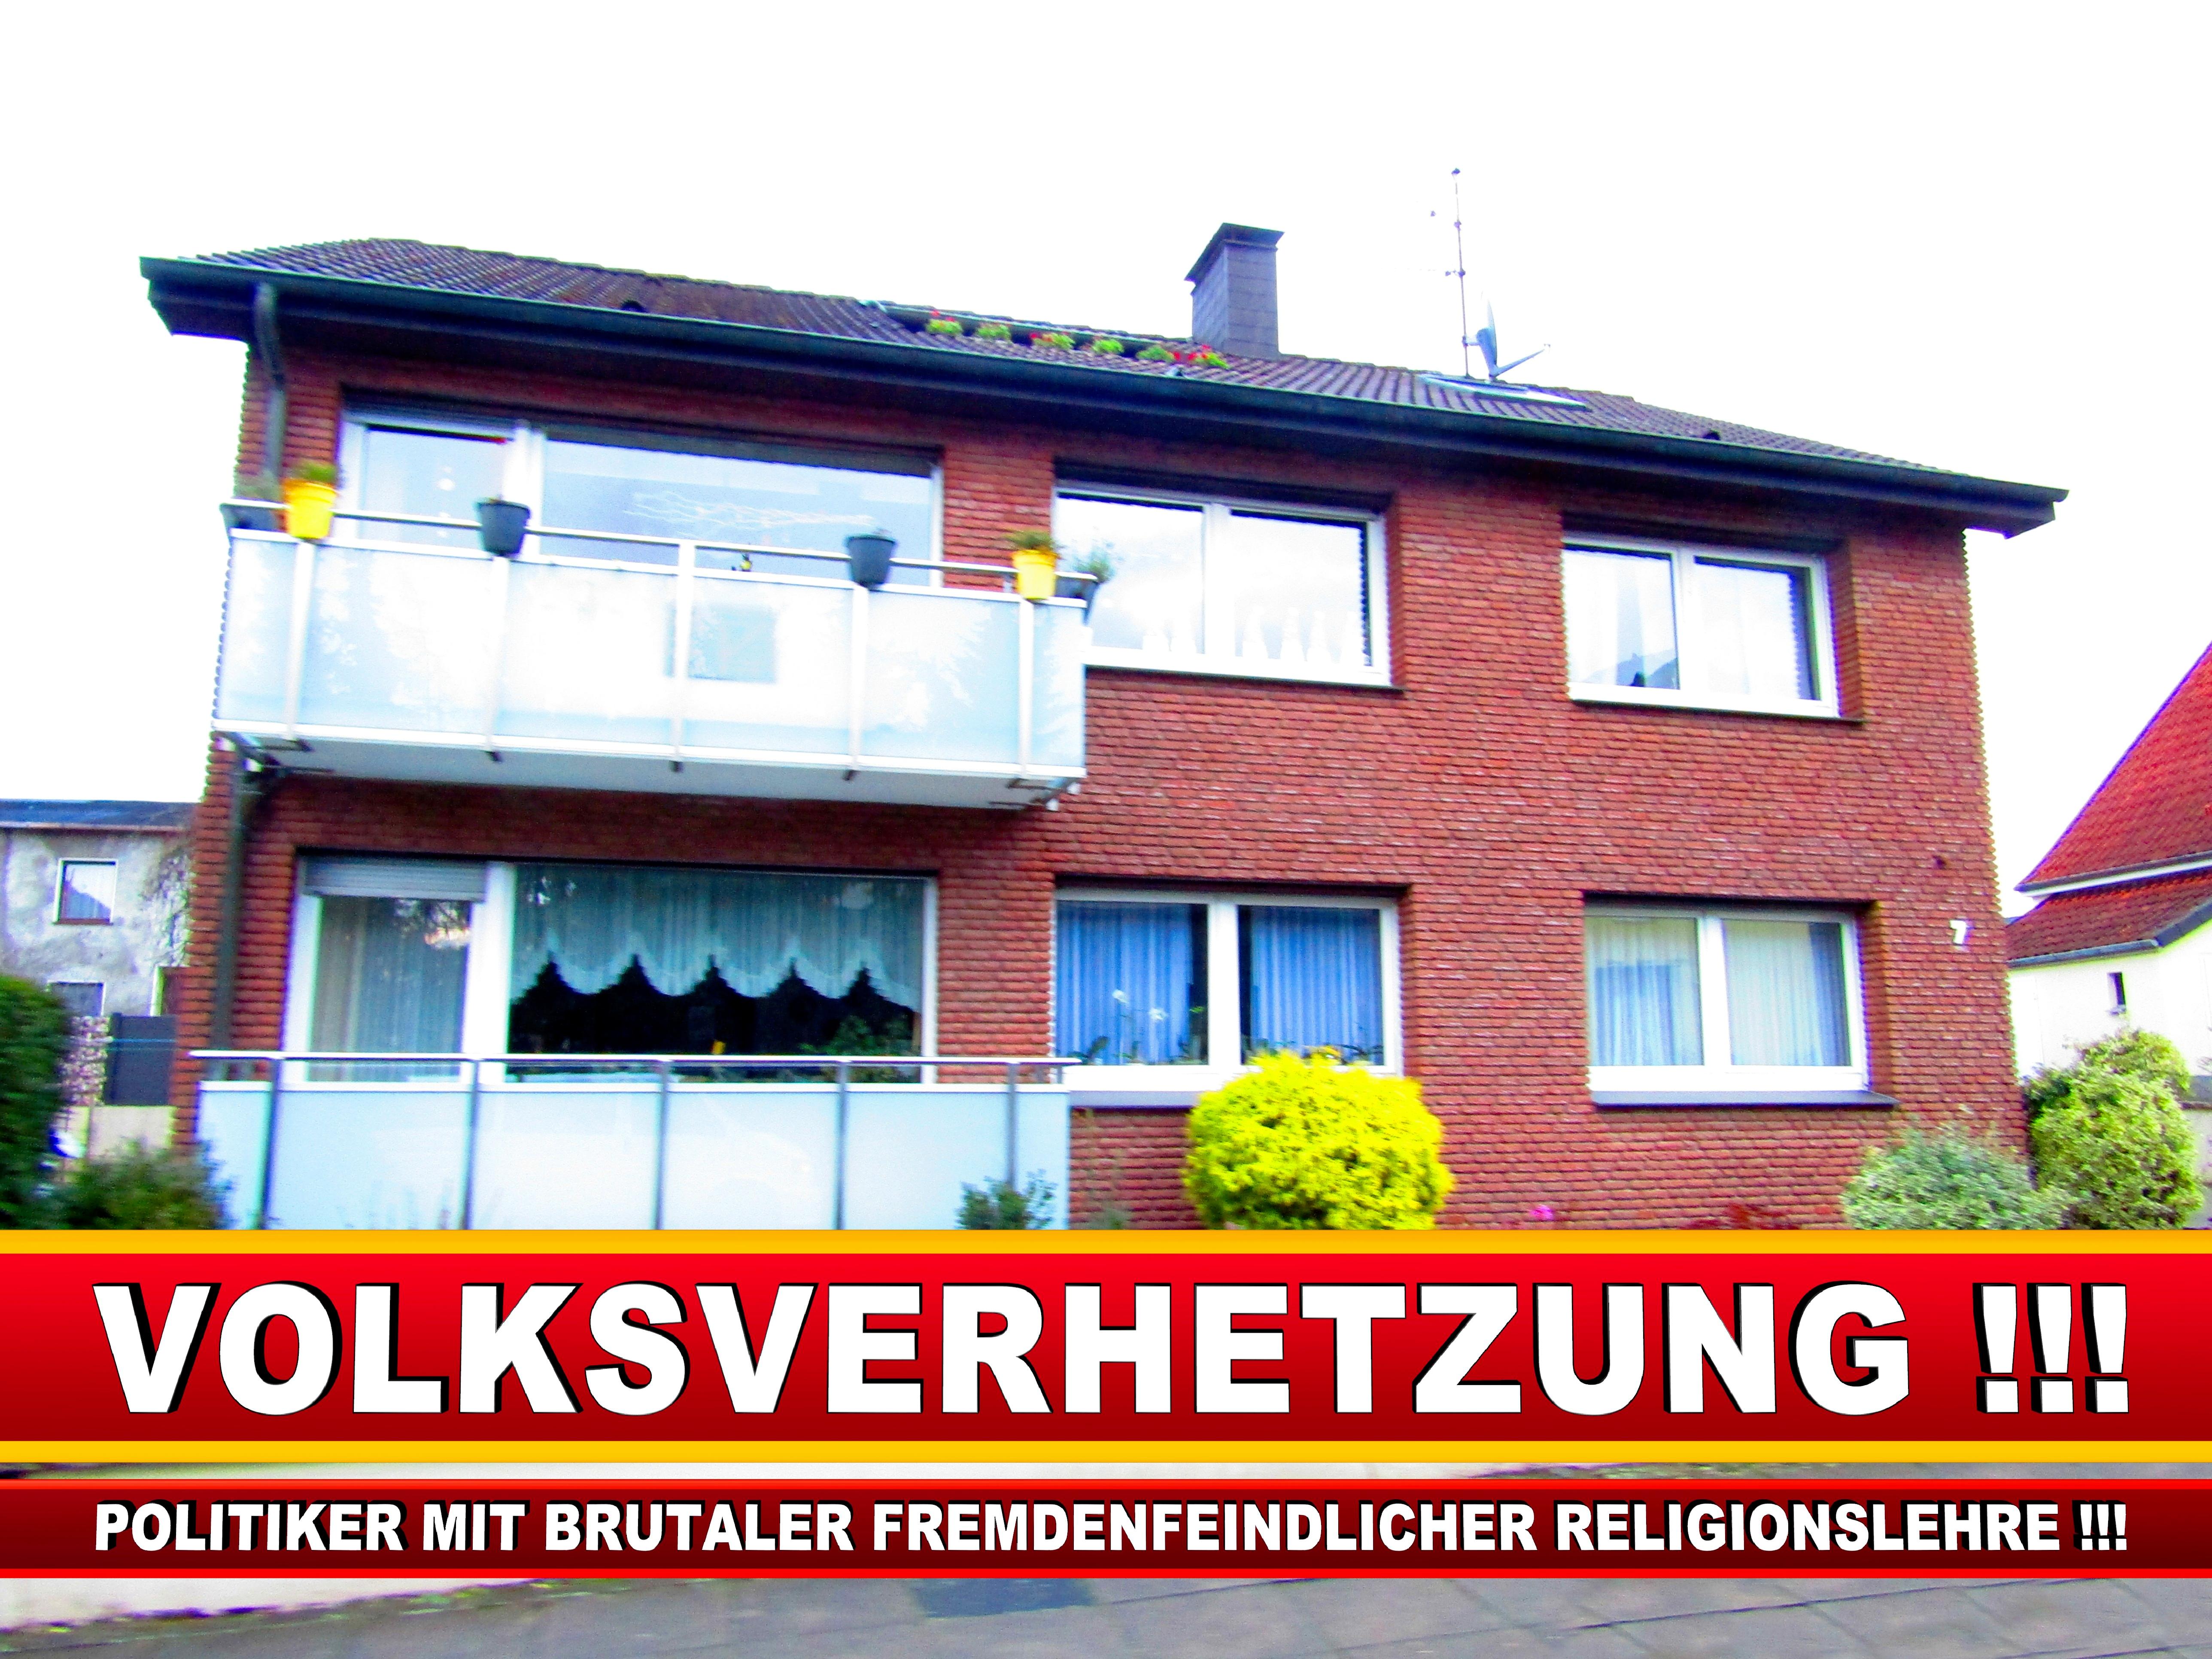 CARSTEN KRUMHöFNER CDU BIELEFELD CDU NRW JüRGEN KRUMHöFNER GBR VERLAG WERBEAGENTUR DORTMUNDER (1) 1